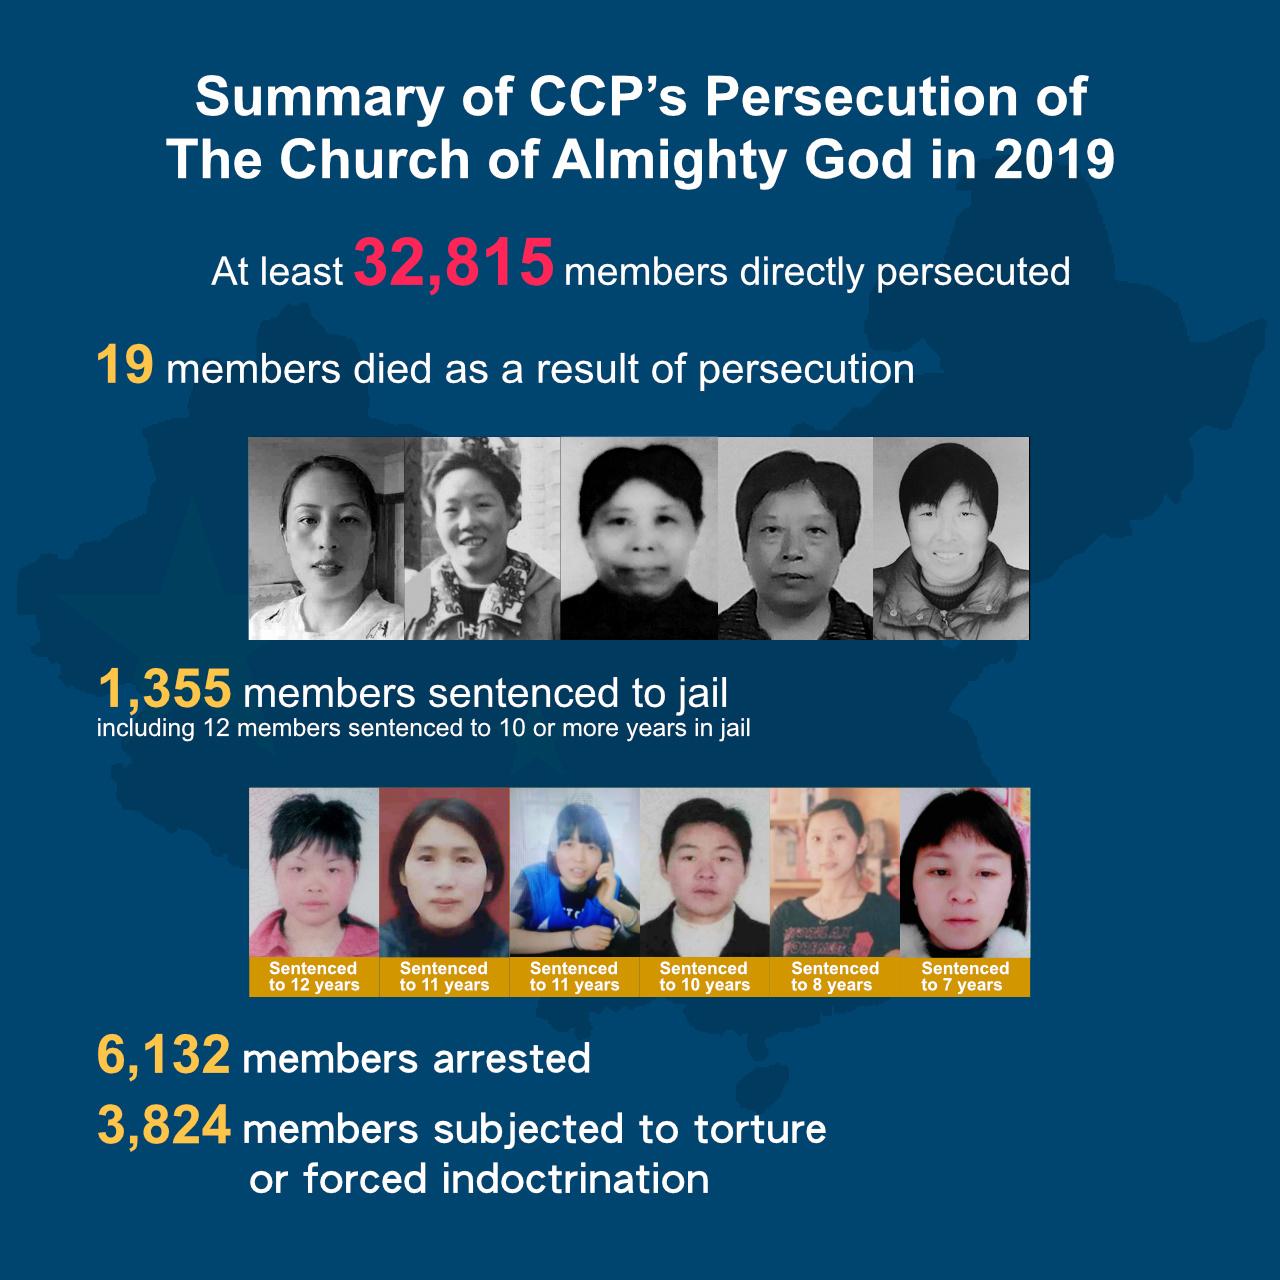 sintesi della persecuzione dei PCC